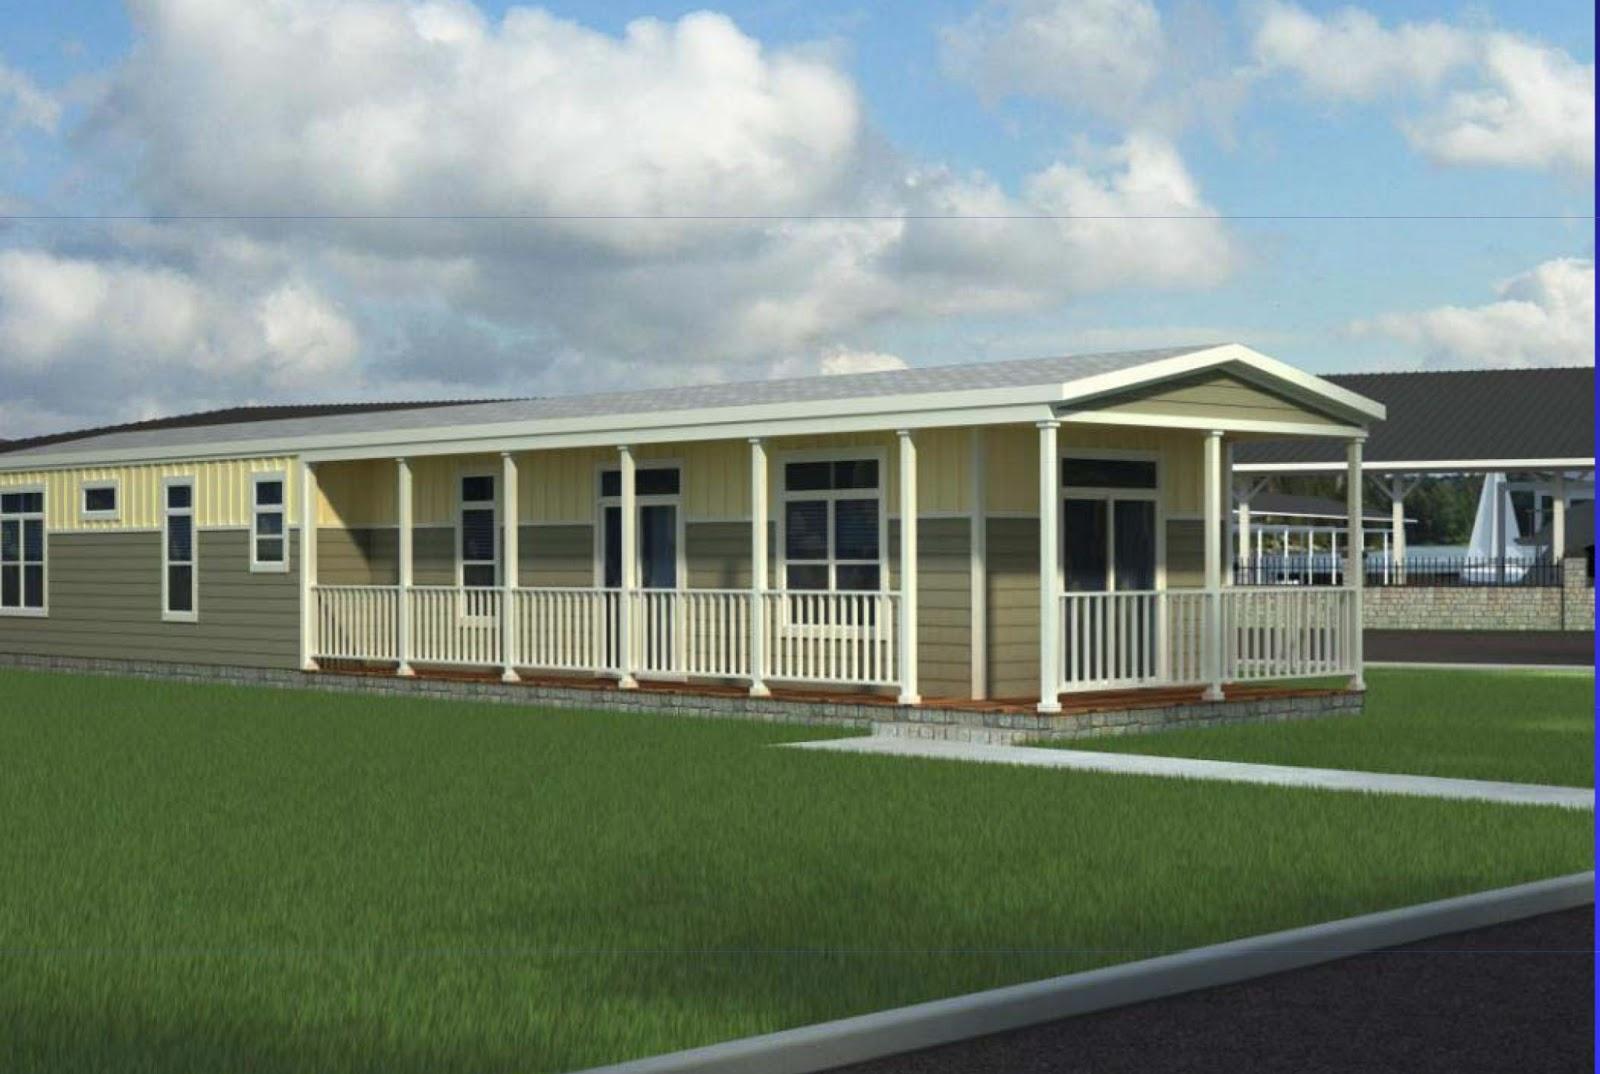 2012 manufactured housing industry awards mobile home living. Black Bedroom Furniture Sets. Home Design Ideas